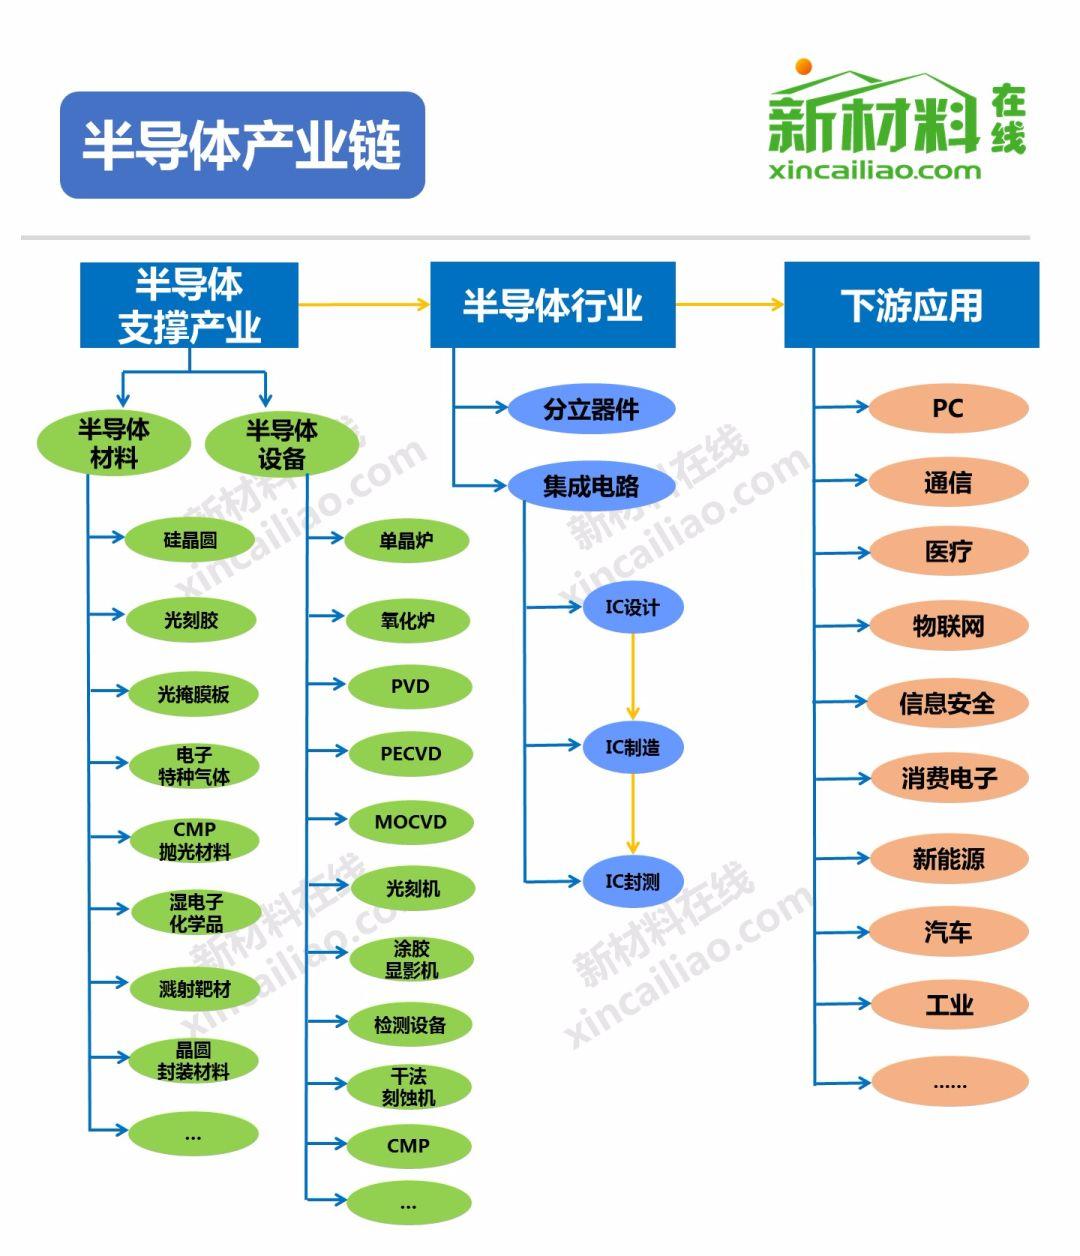 数据来源:2017年中国集成电路产业现状分析 那么,半导体 制造 的关键